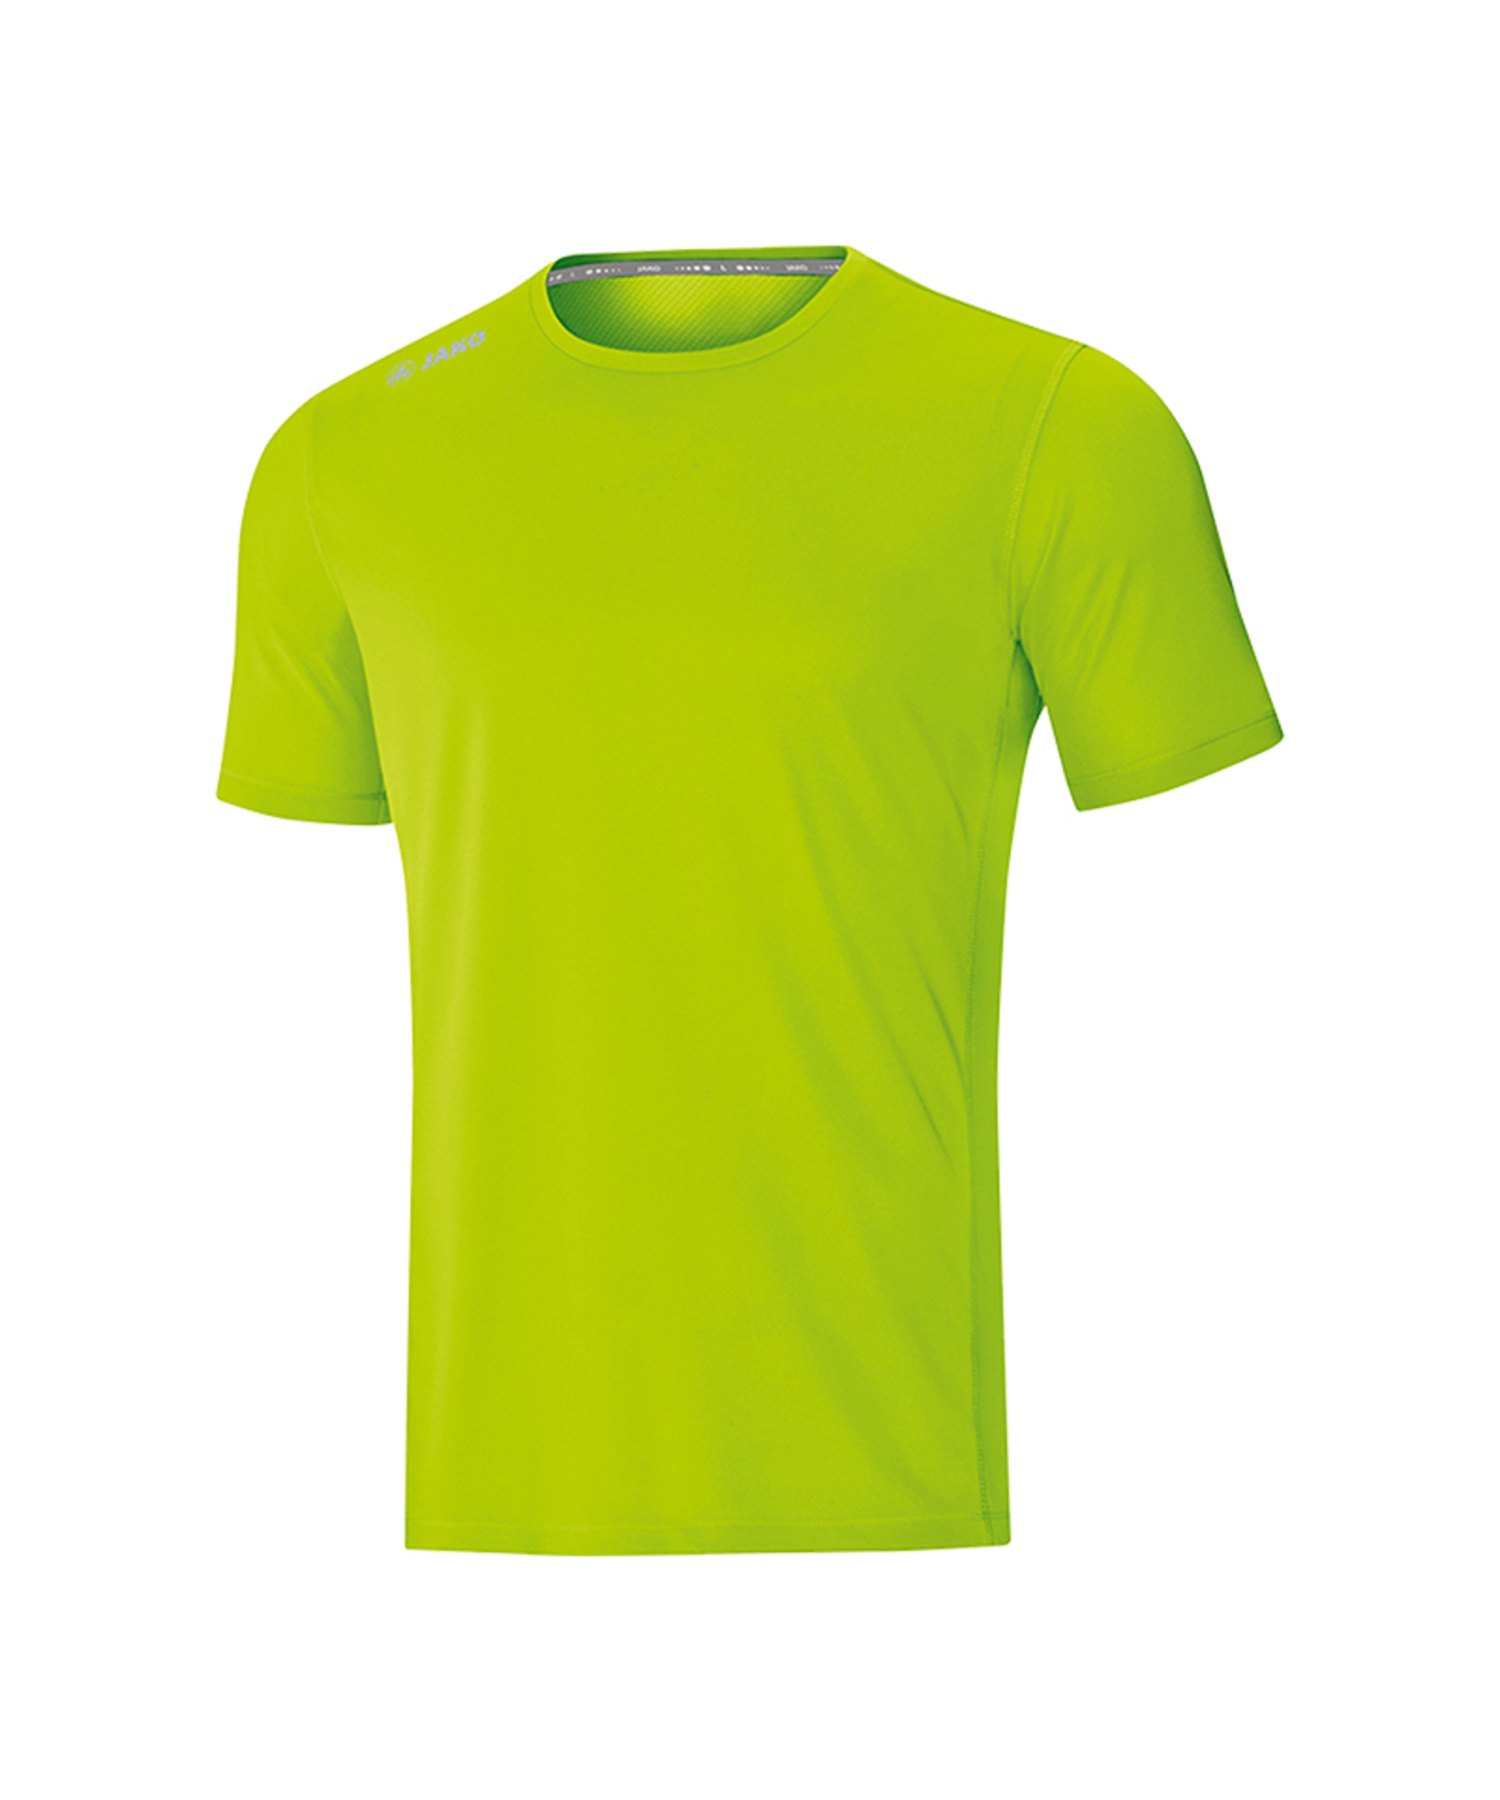 Jako Run 2.0 T-Shirt Running Grün F25 - Gruen